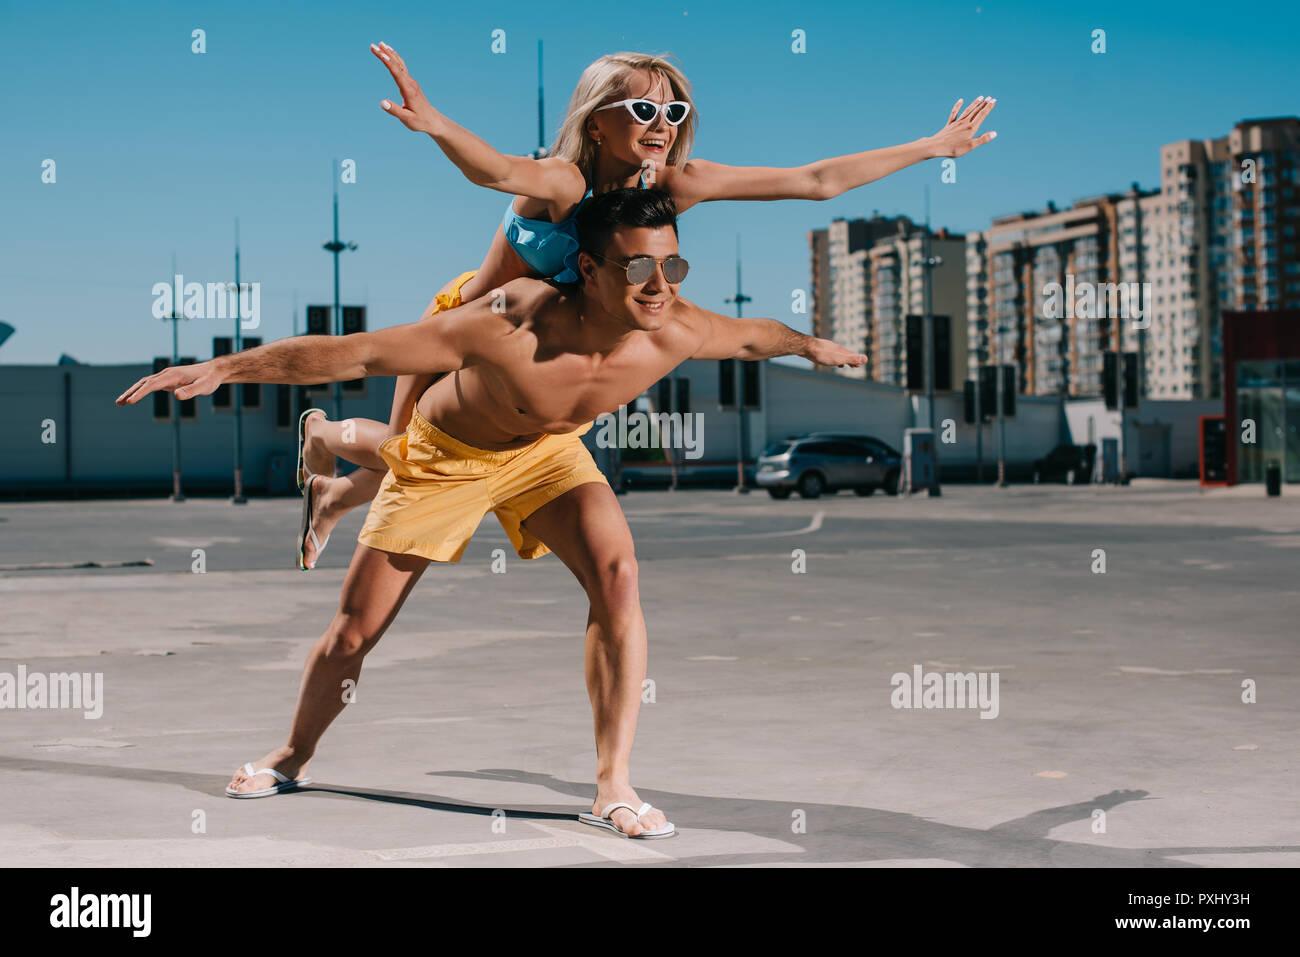 Junge attraktive Frau auf Freund huckepack und Flugzeug Geste auf Parkplatz Stockbild